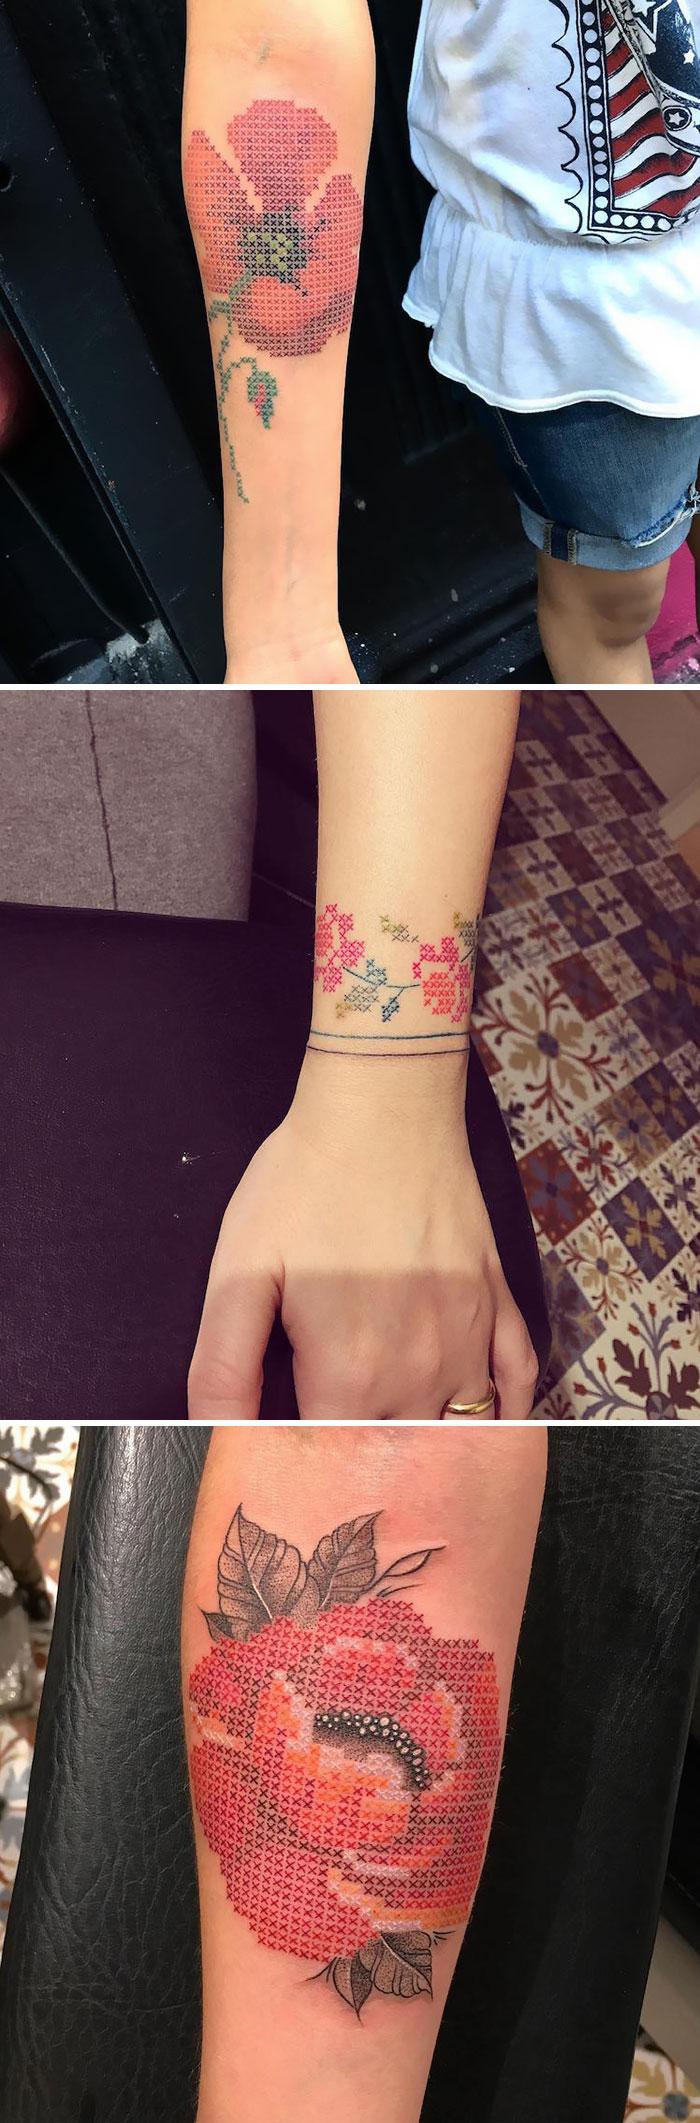 floral-tattoo-artists-4-58e254b0b0d2e__700